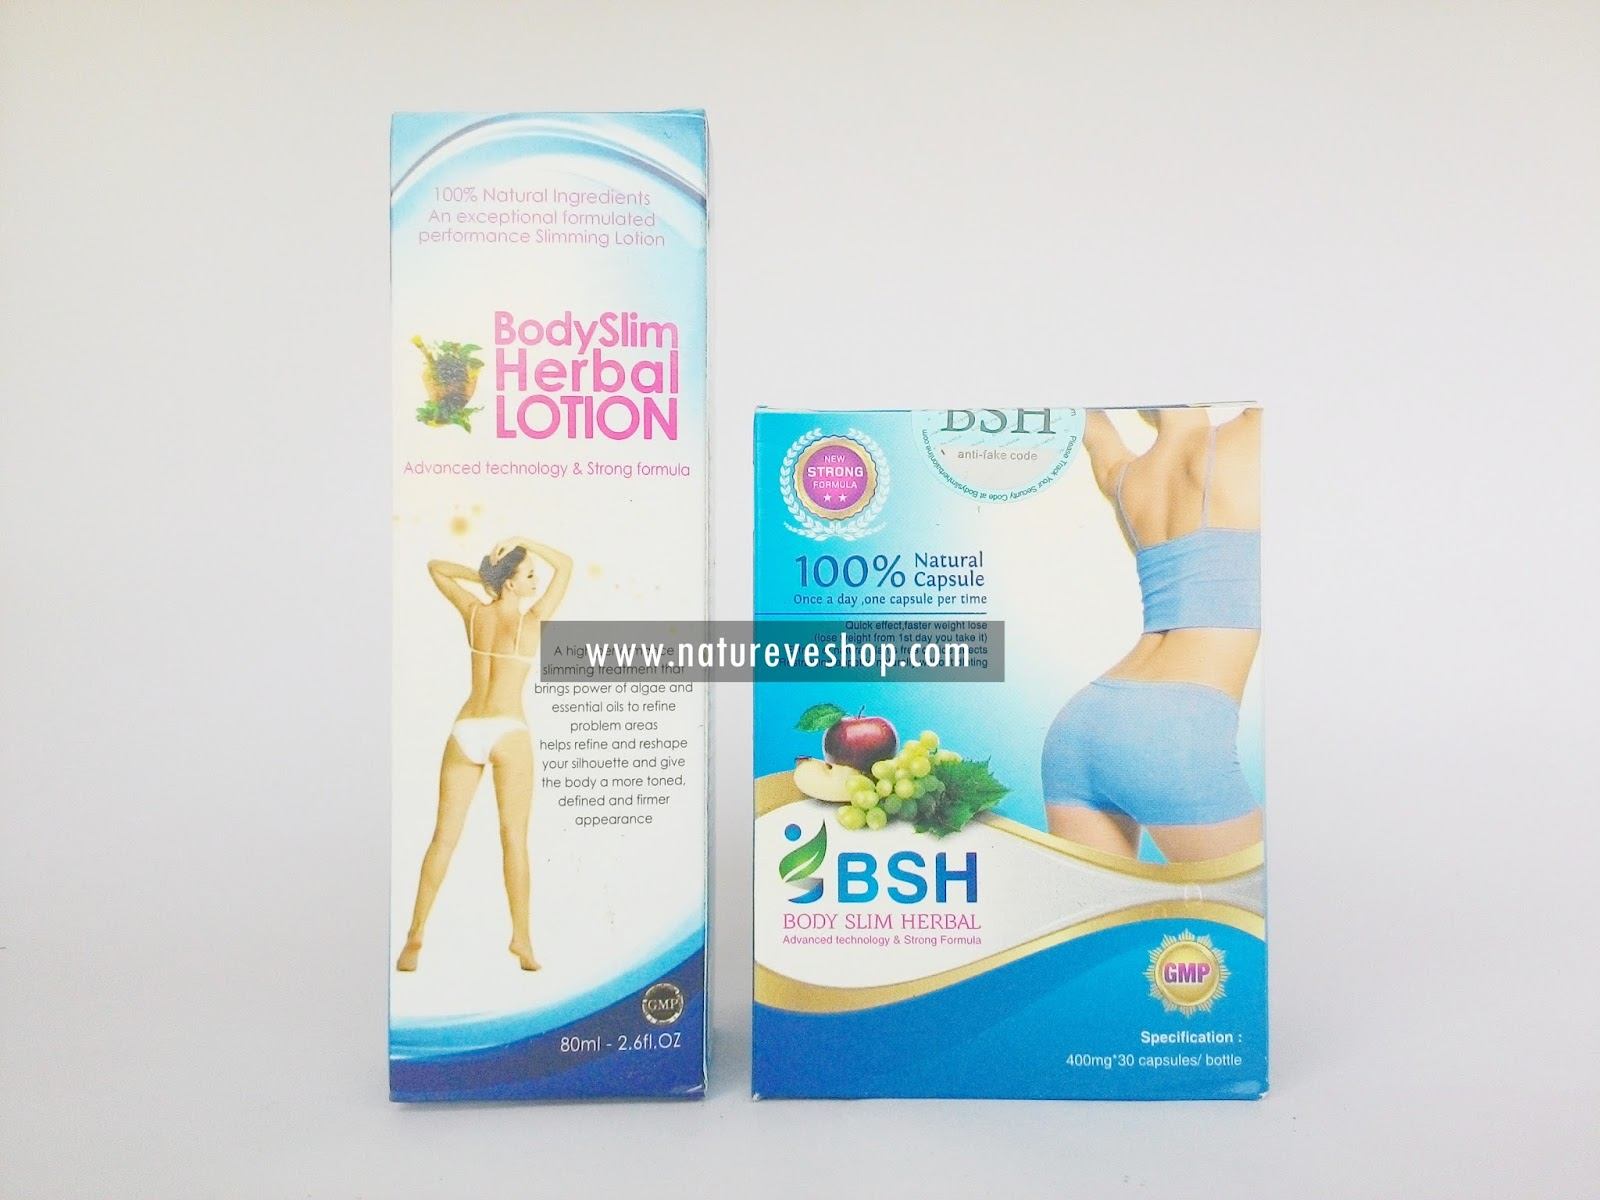 Turunkan Berat Badan dengan Paket Pelangsing BSH